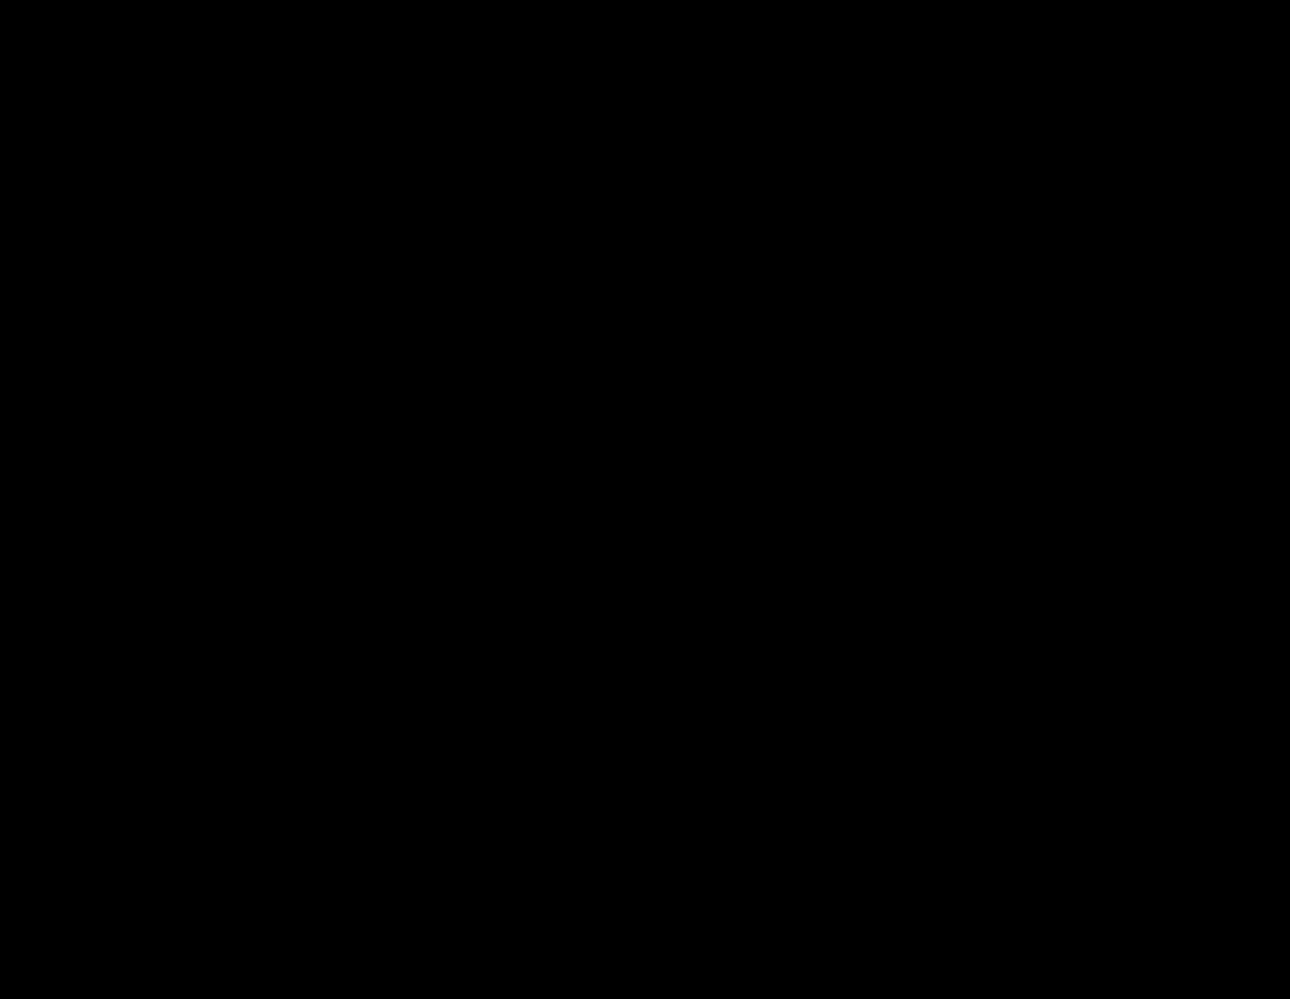 Aktstudie 59×80